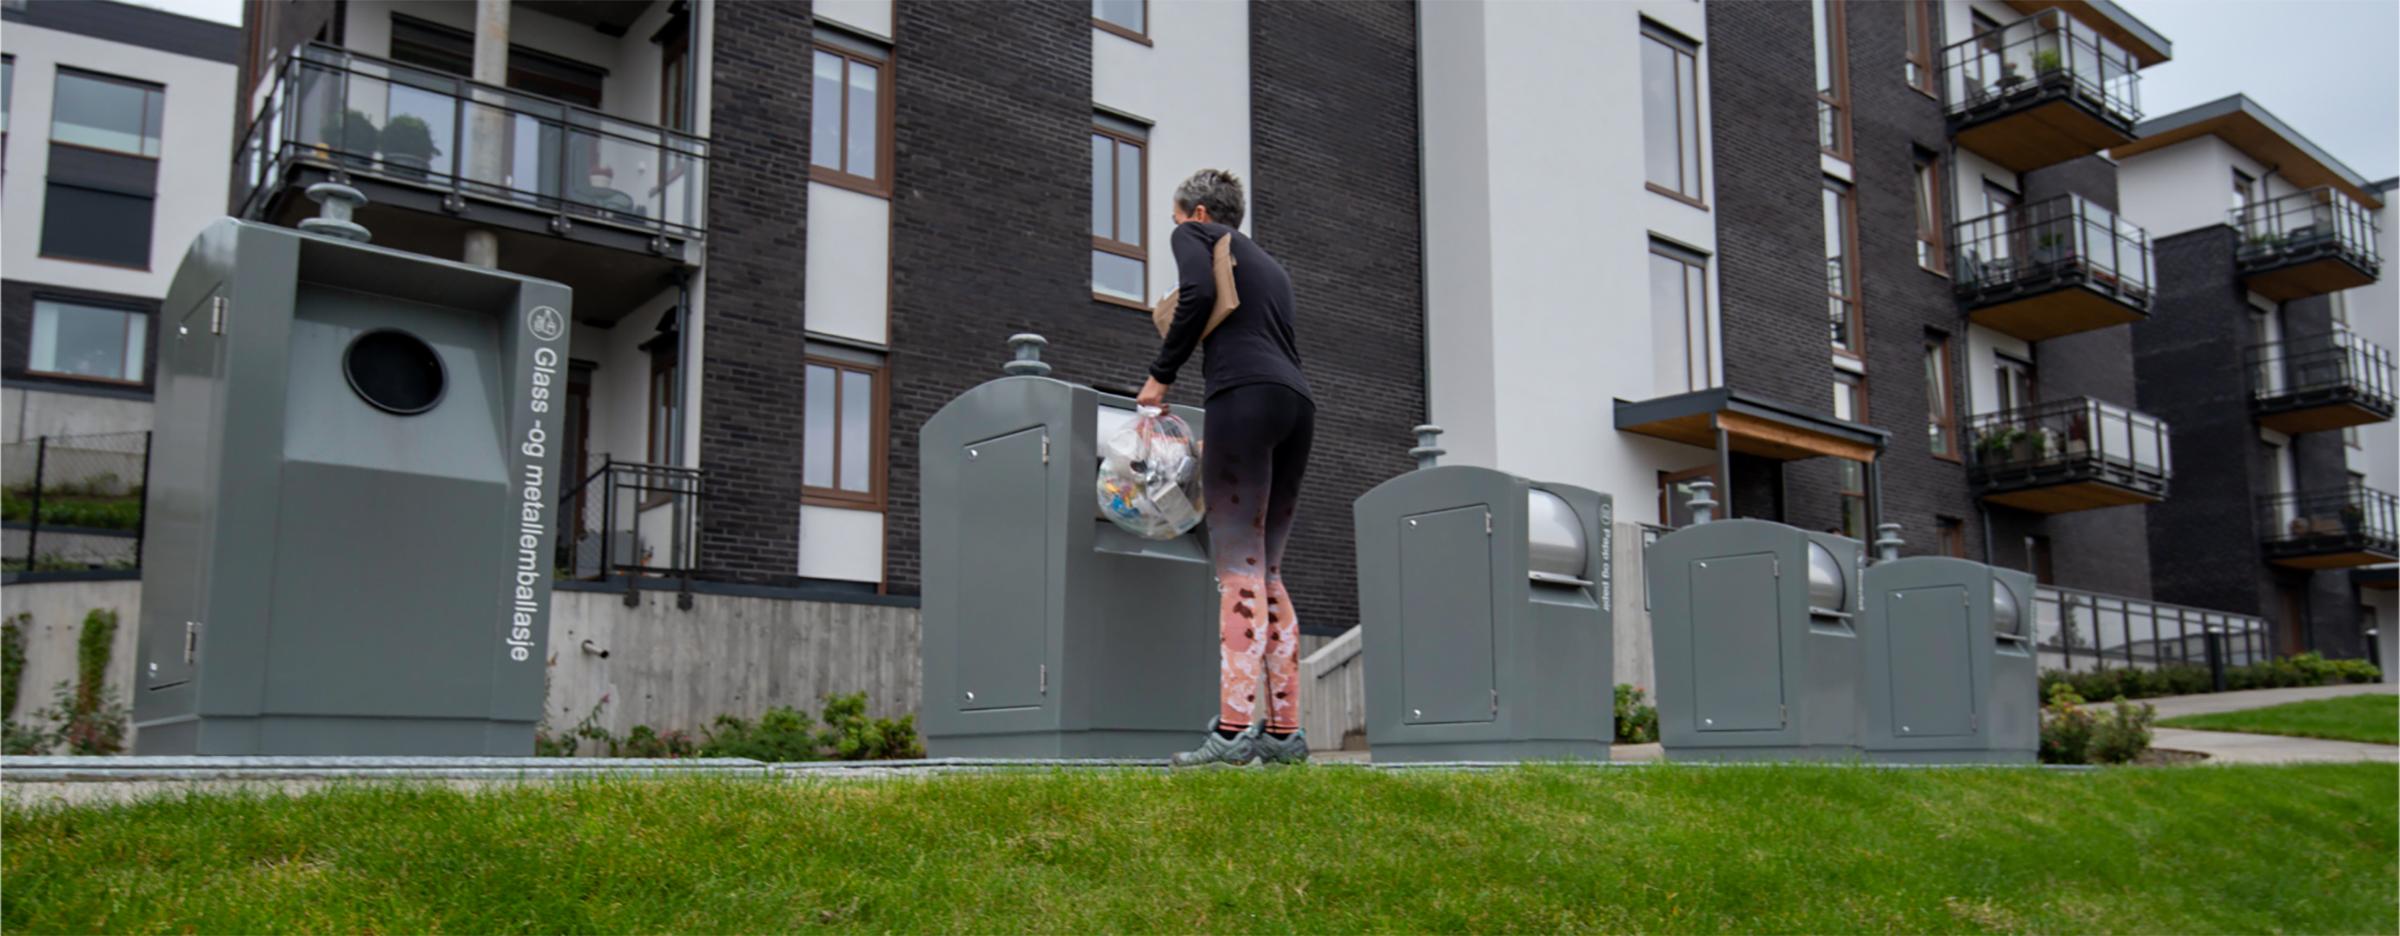 Nedgravd container - Amalienborg i Vågsbygd